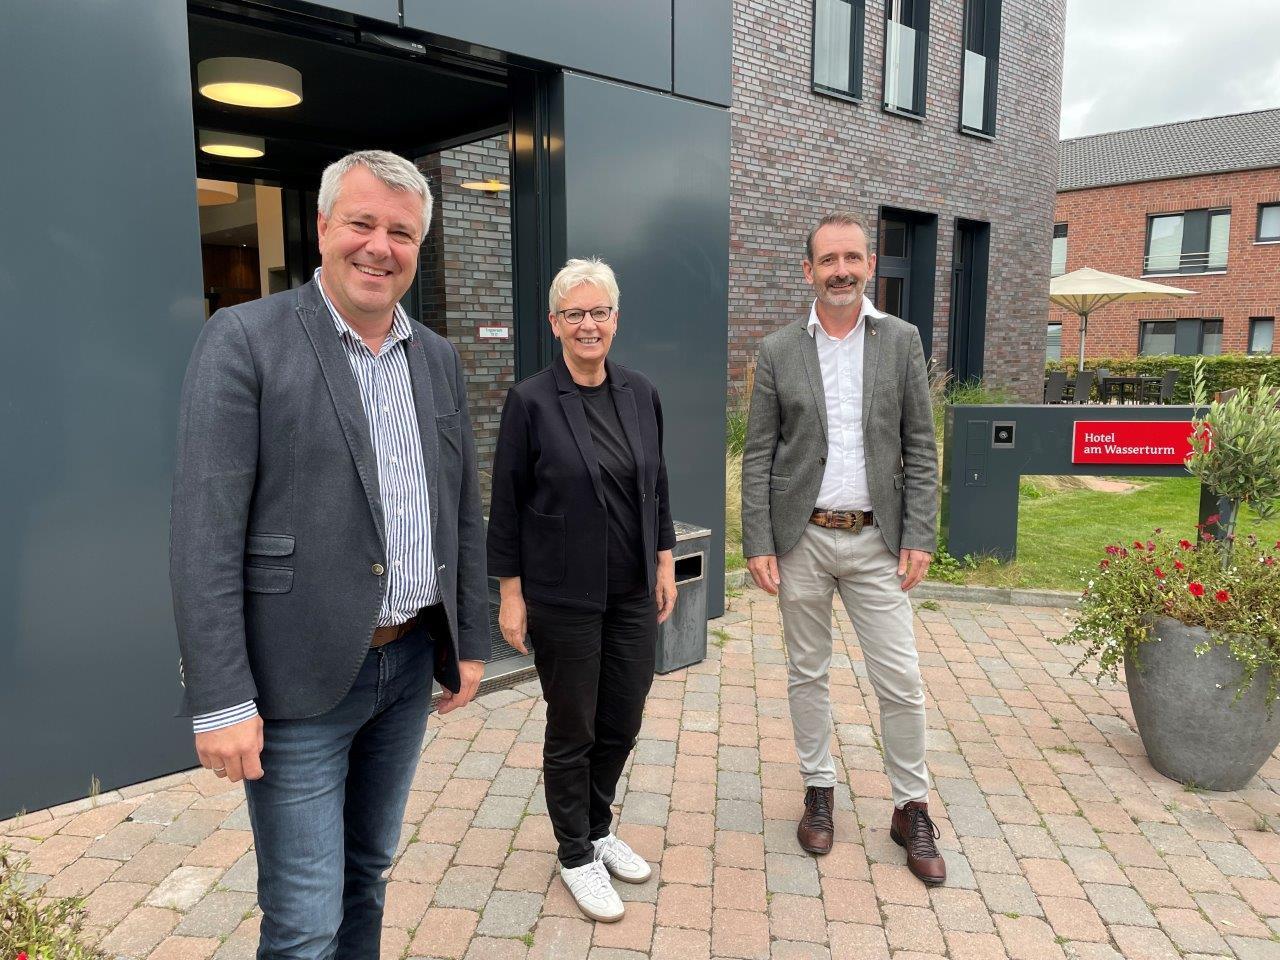 Maria Klein-Schmeink, Bundestagsabgeordnete der Grünen, besuchte die Alexianer auf dem Campus im Amelsbüren.